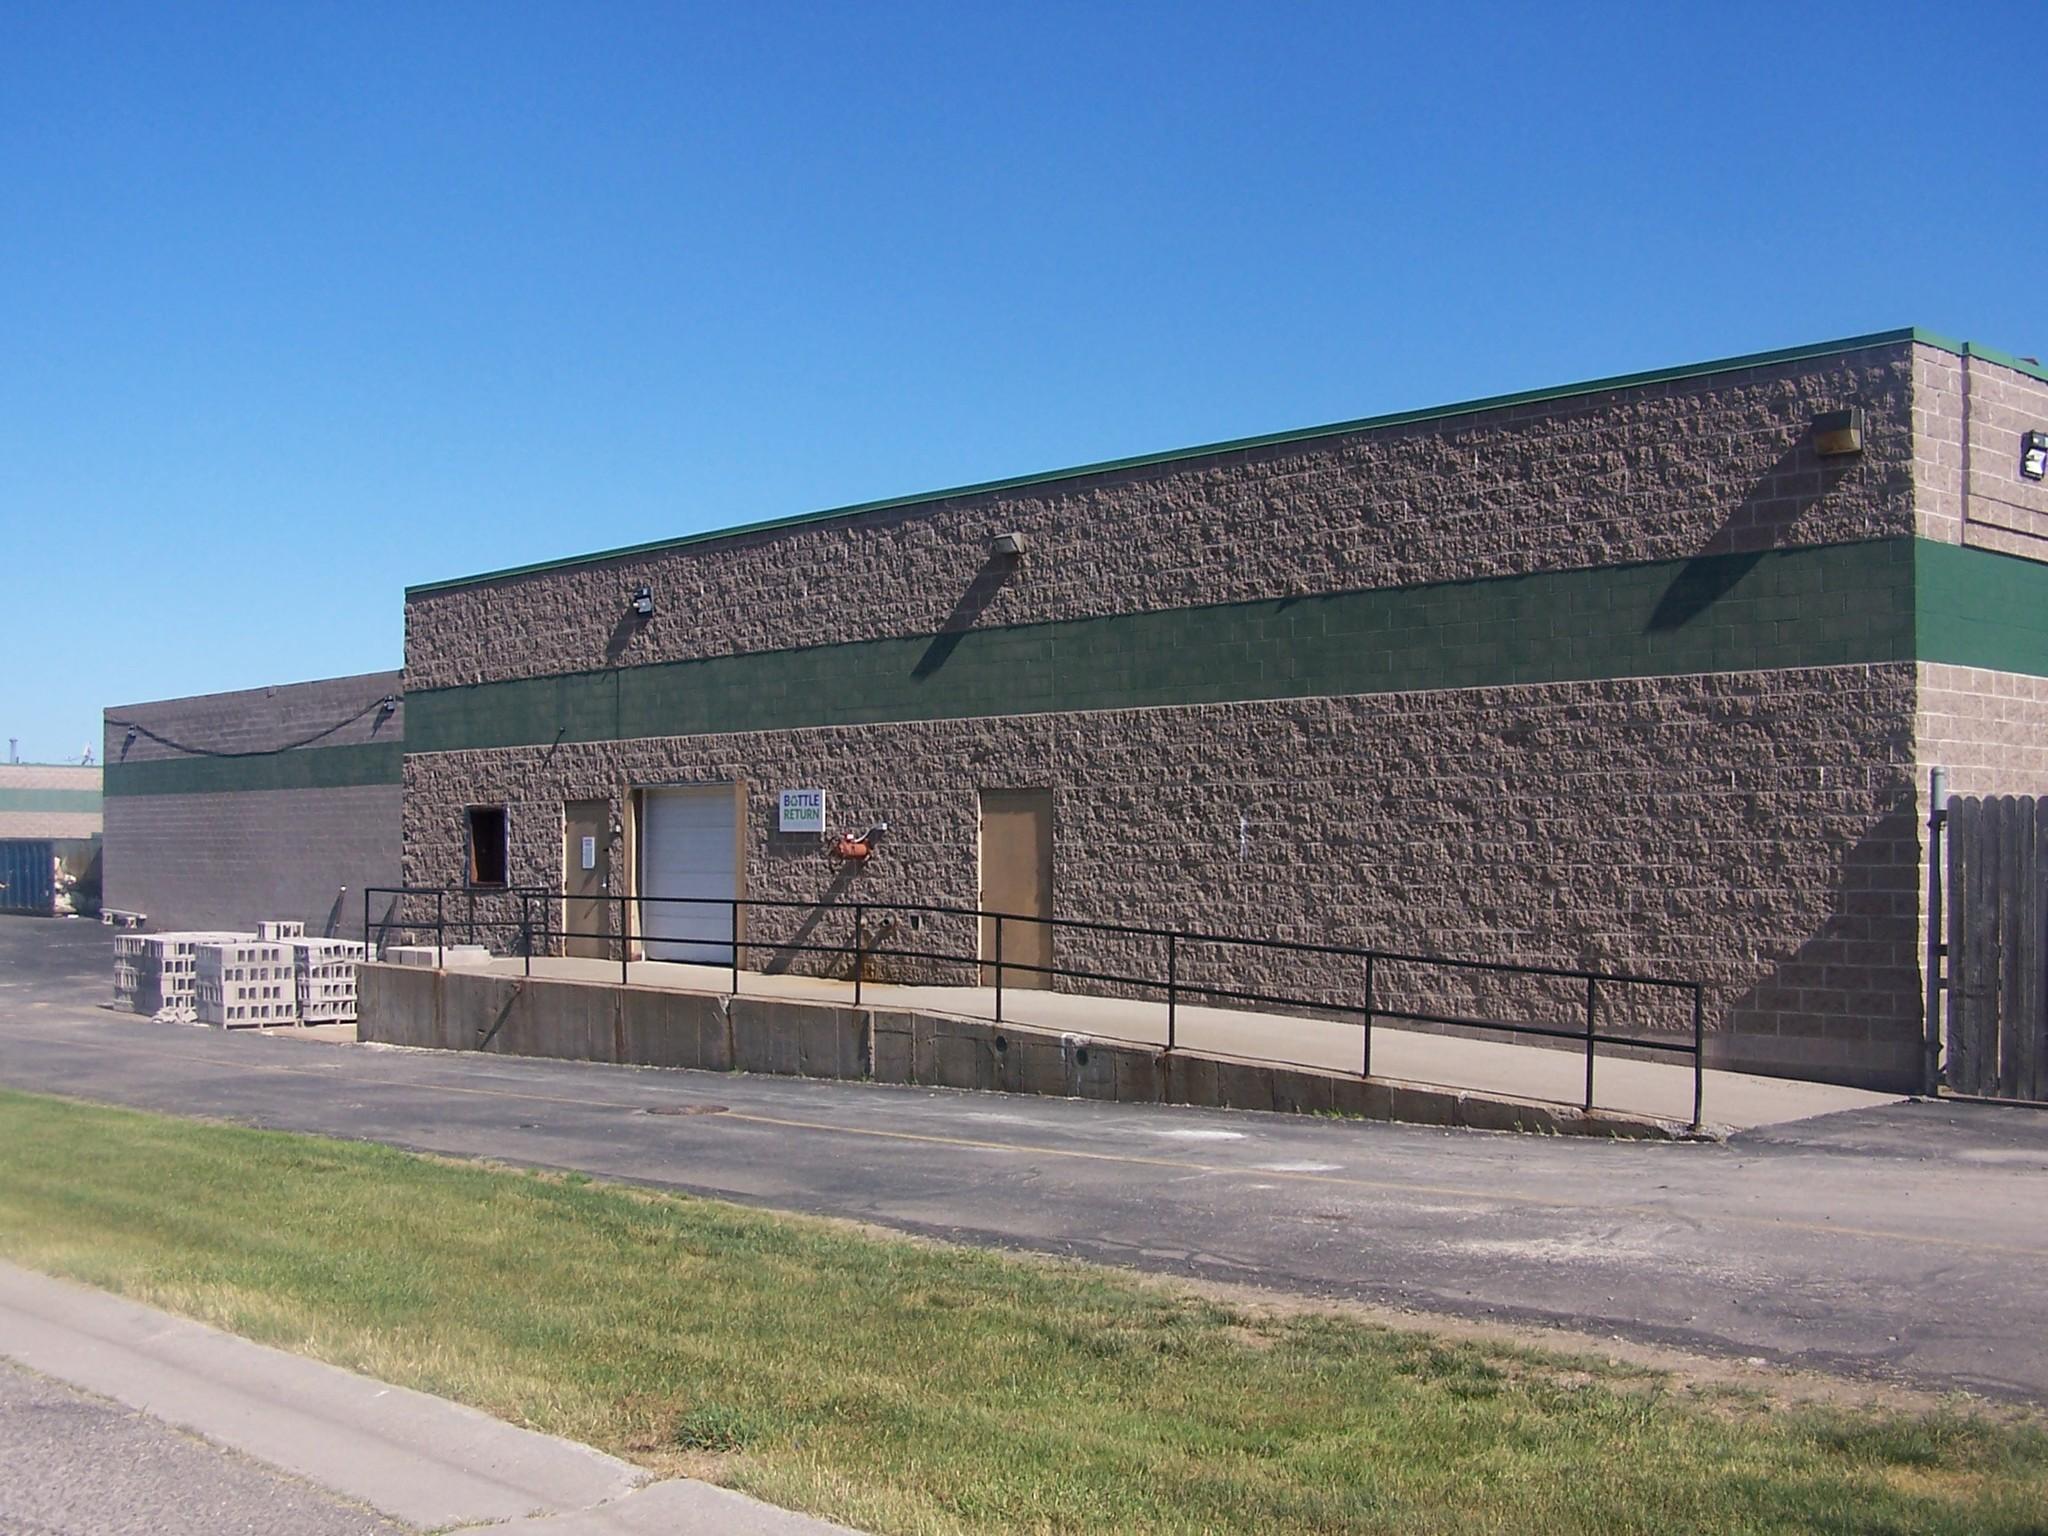 503 Canandaigua Rd S - Cedar Creek Commons